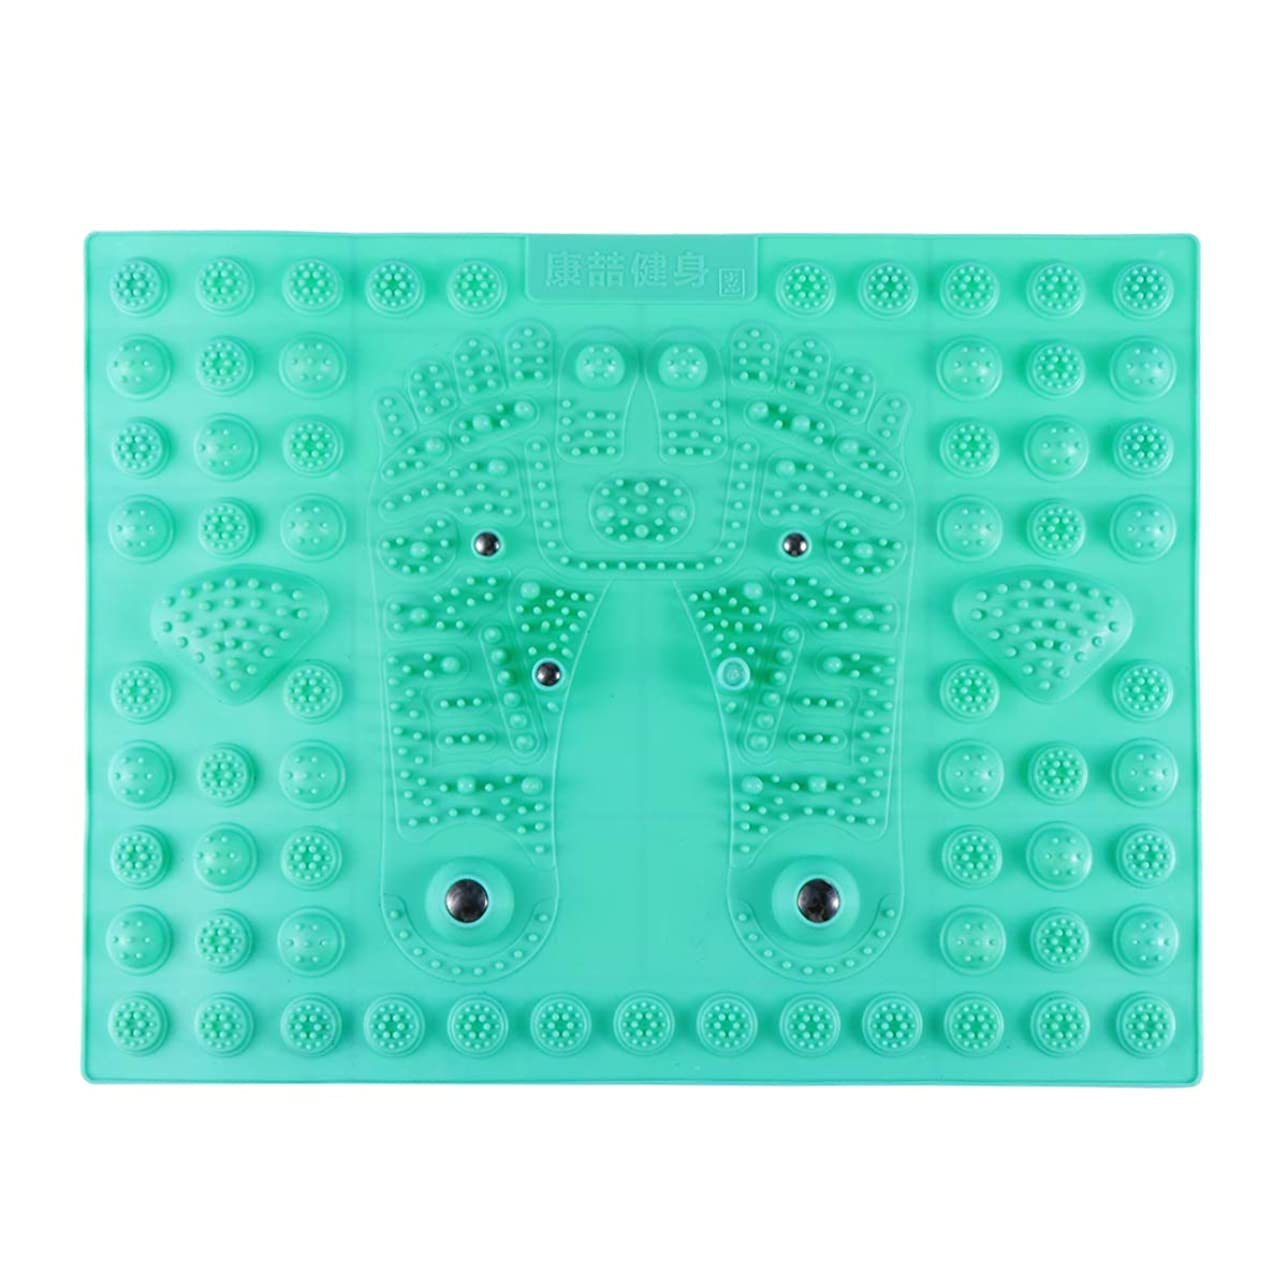 お謝罪肉のHealifty リフレックスマッサージマット フットマッサージャー 磁気療法 プラスチック つま先プレッシャー プレートマッサージパッド 指圧リラクゼーションマット(グリーン)